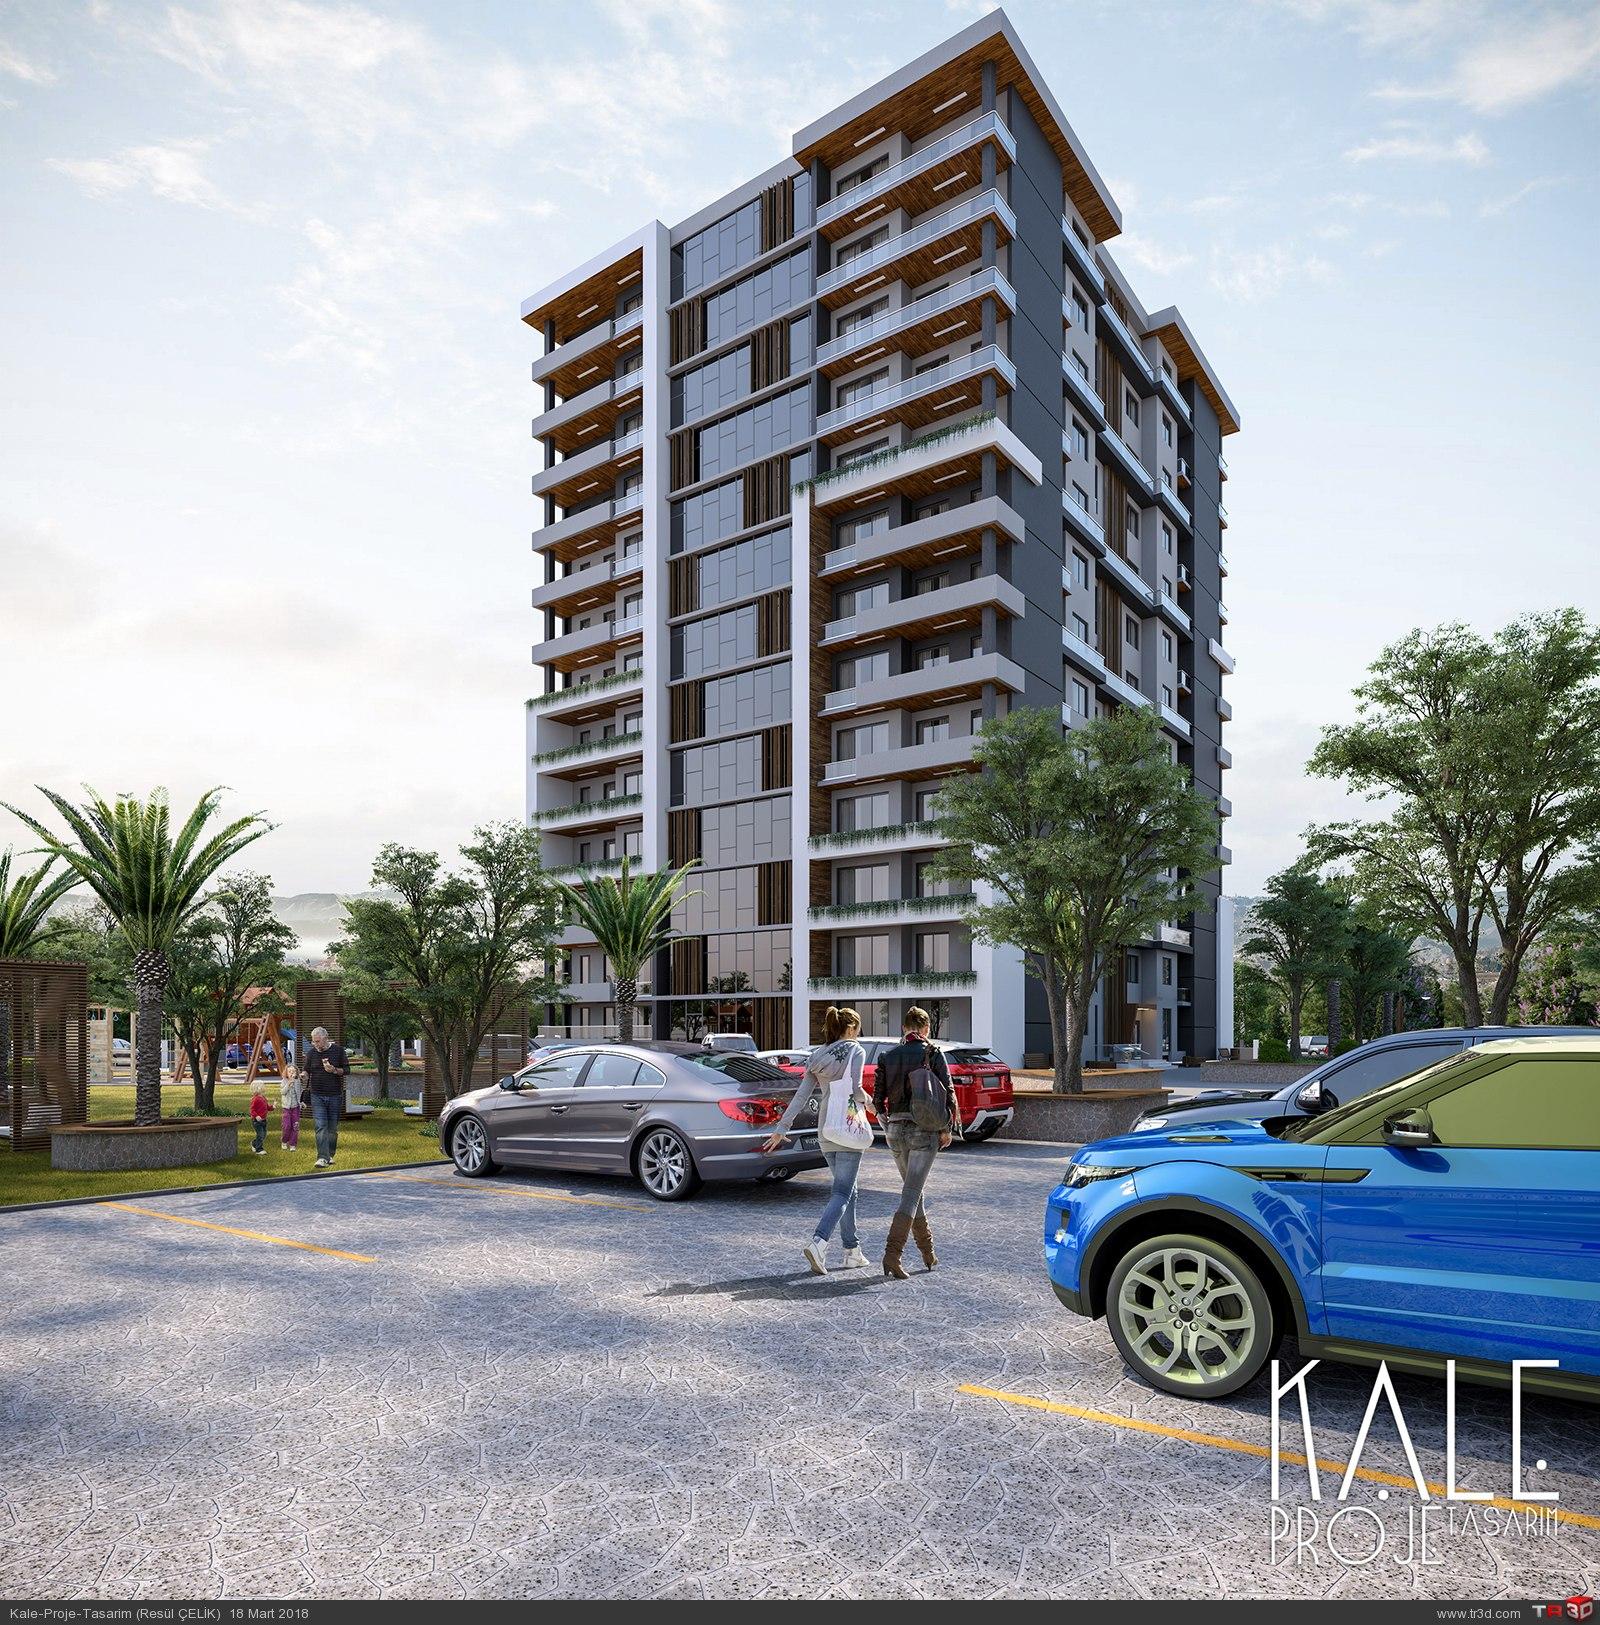 Kale 3d Malatya-2 3